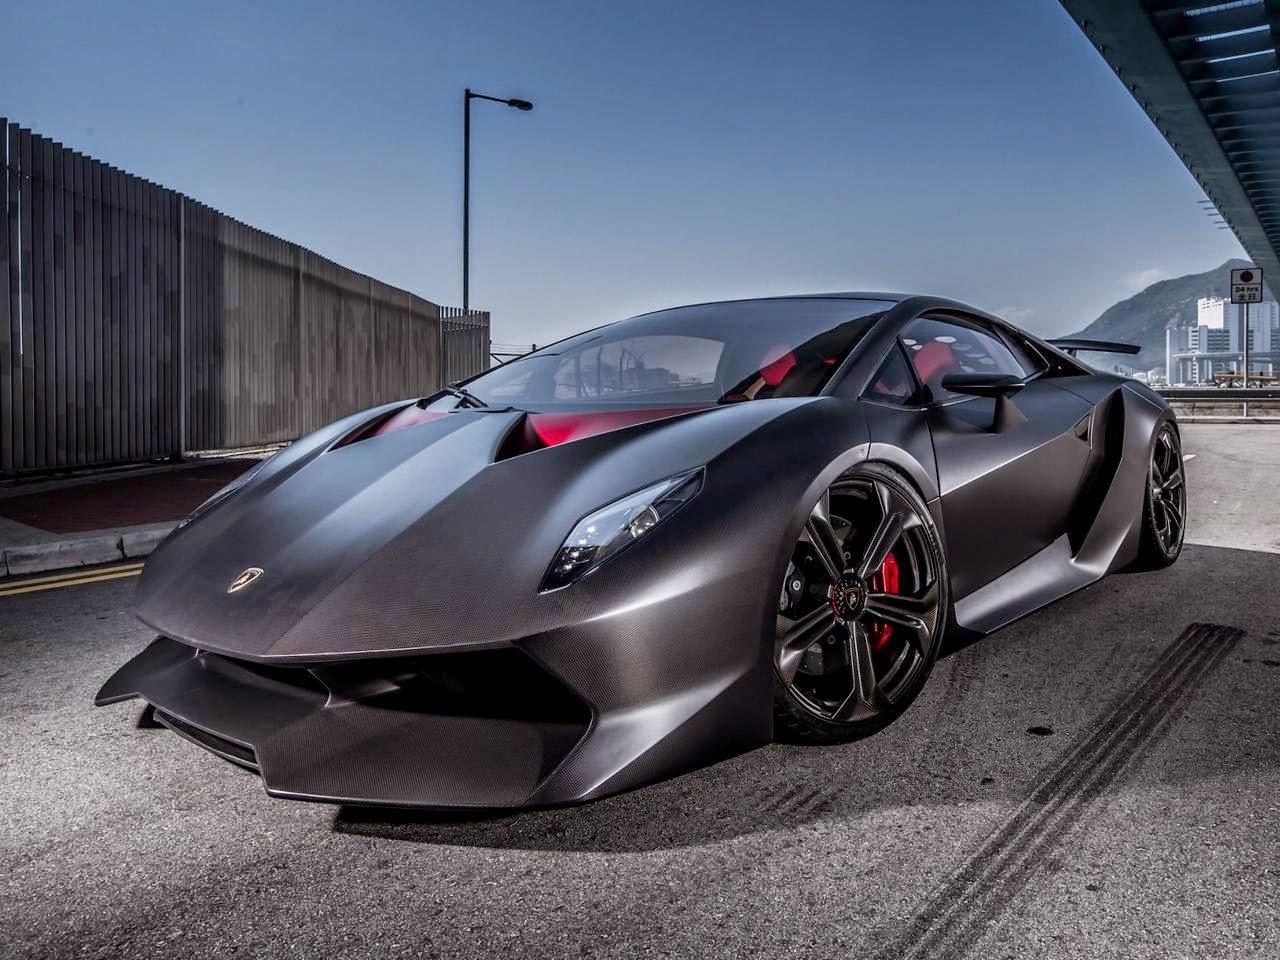 Foto Modifikasi Mobil Lamborghini | Ottomania86